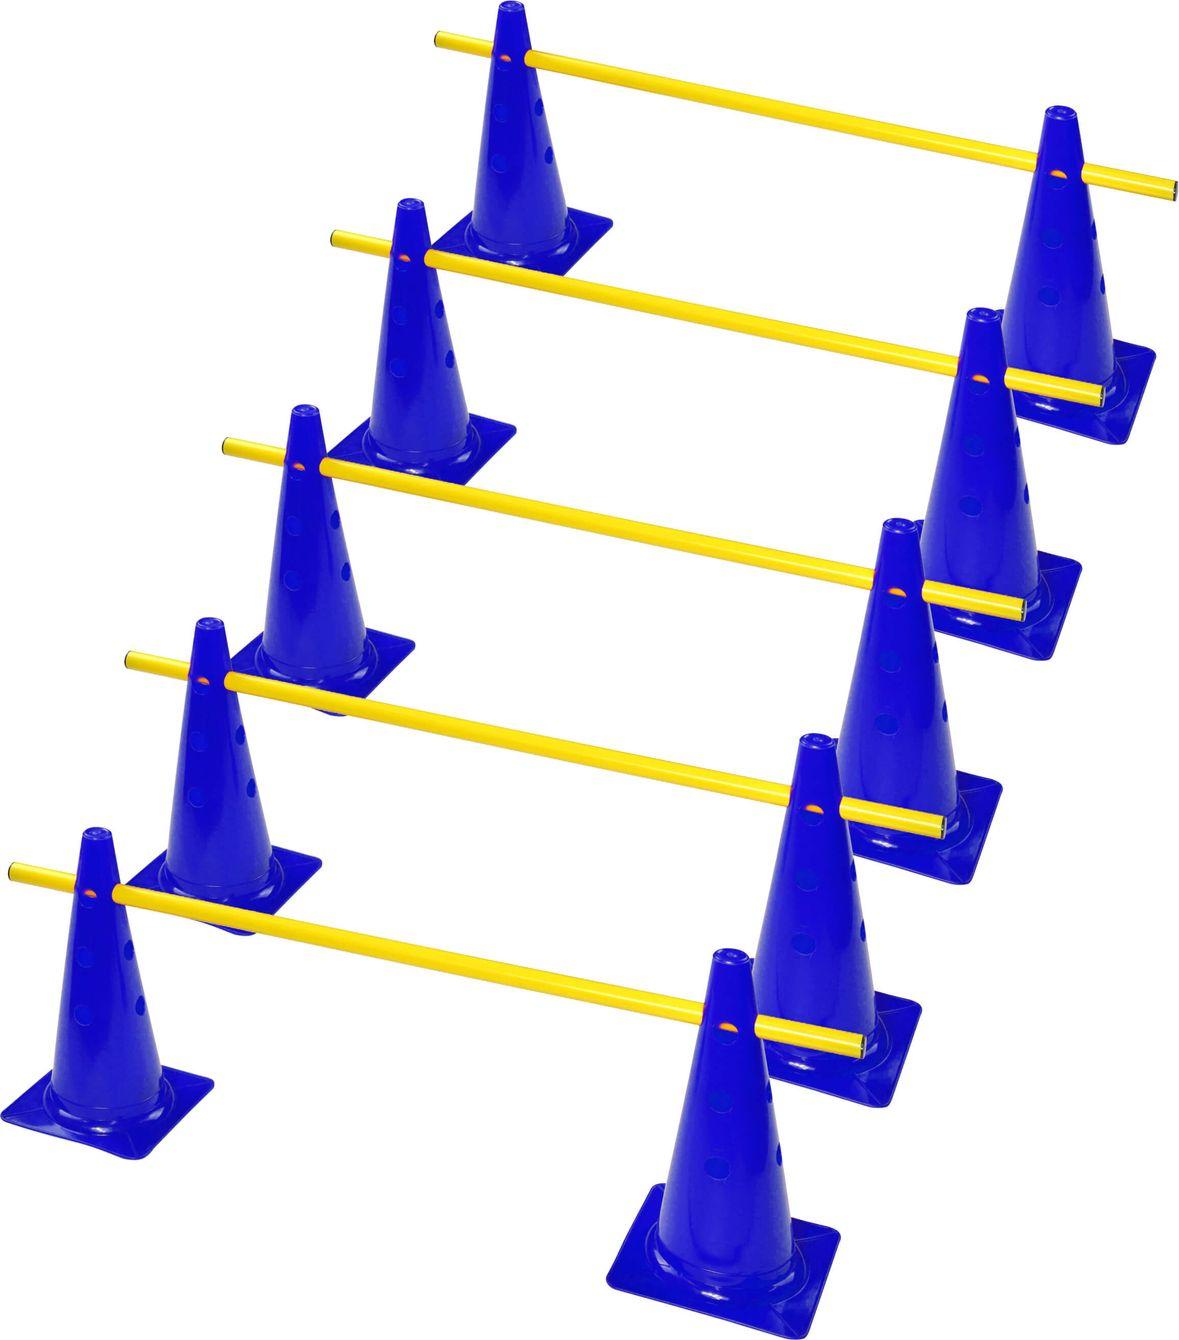 zestaw treningowy | 10 pachołków z otworami 30 cm + 5 tyczek 1 m